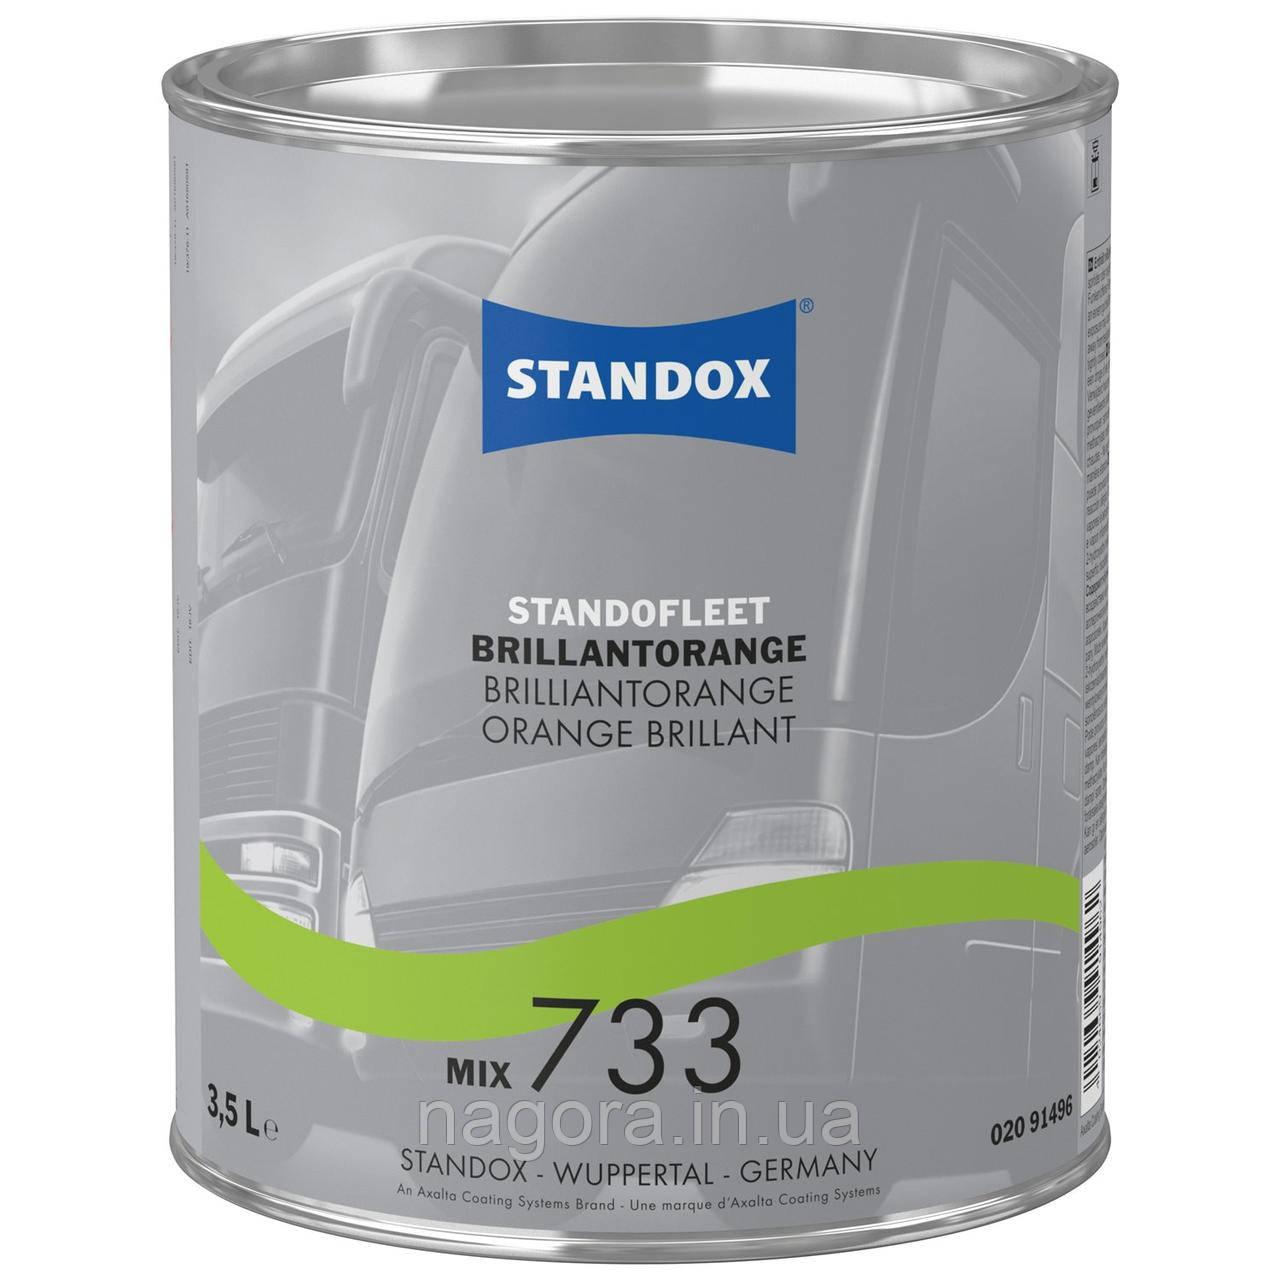 Базовое покрытие Standofleet Mix 733 BrilliantOrange (3.5л)